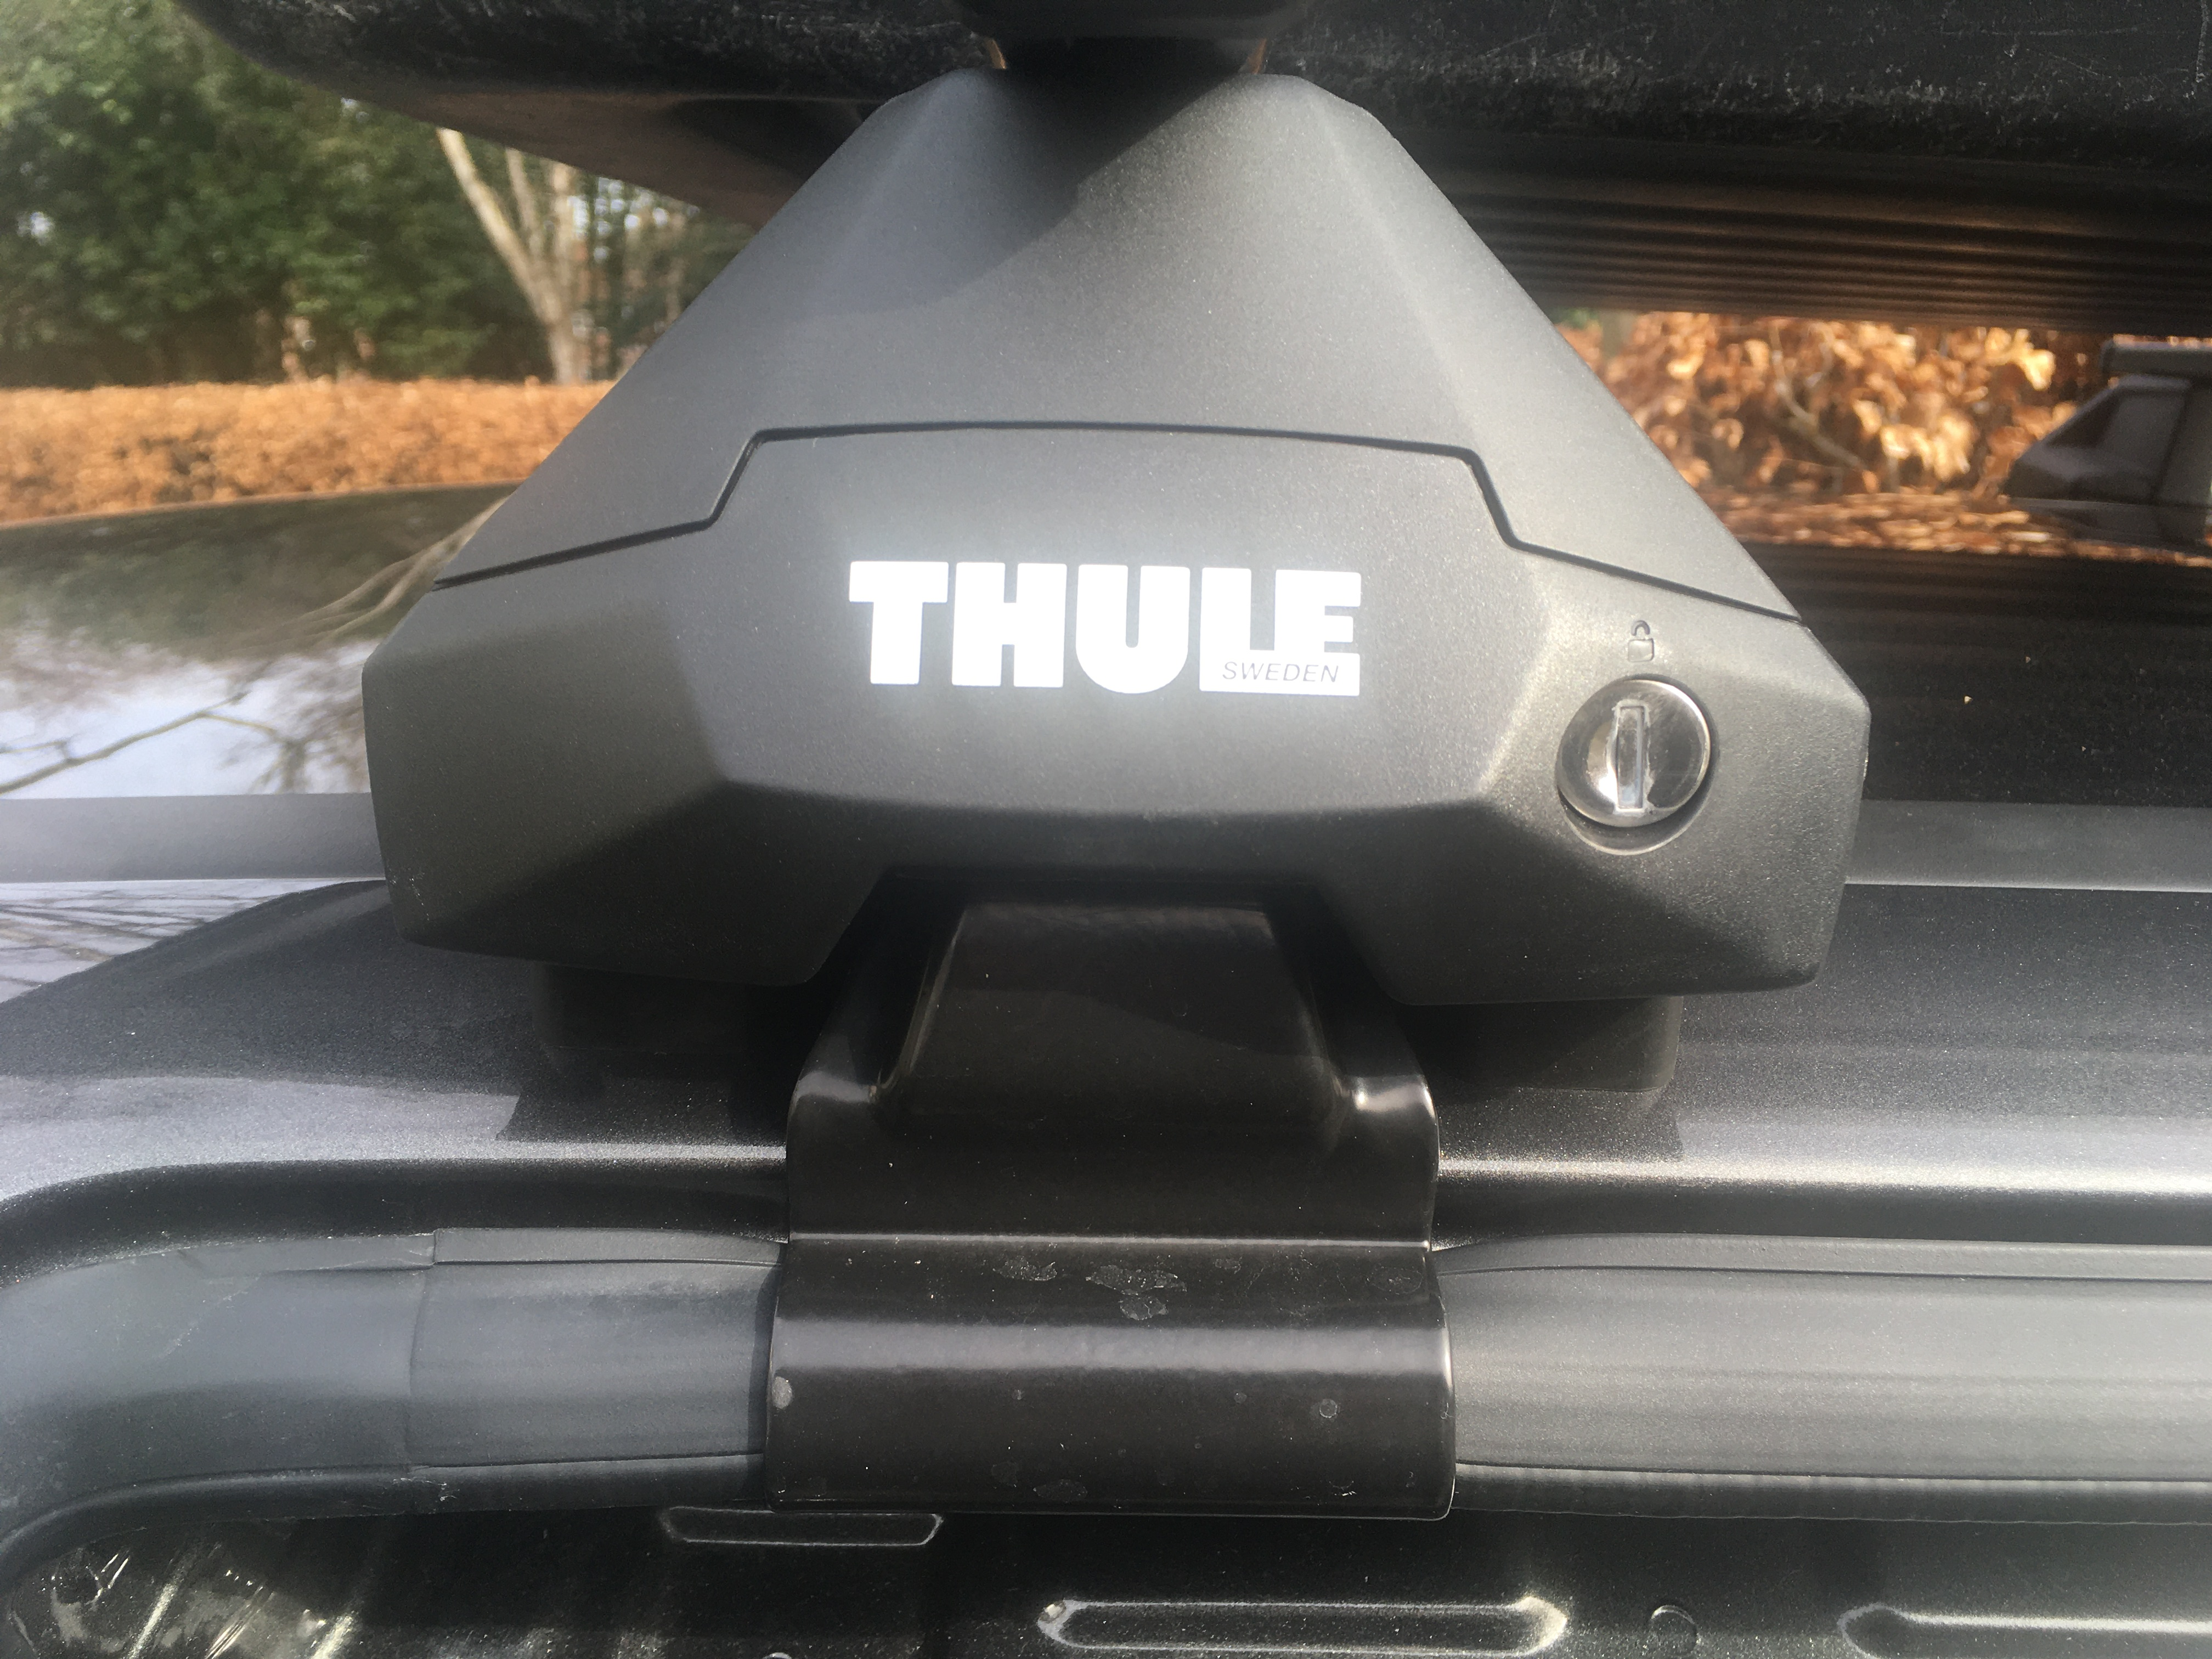 Thule 145089 Roof Racks